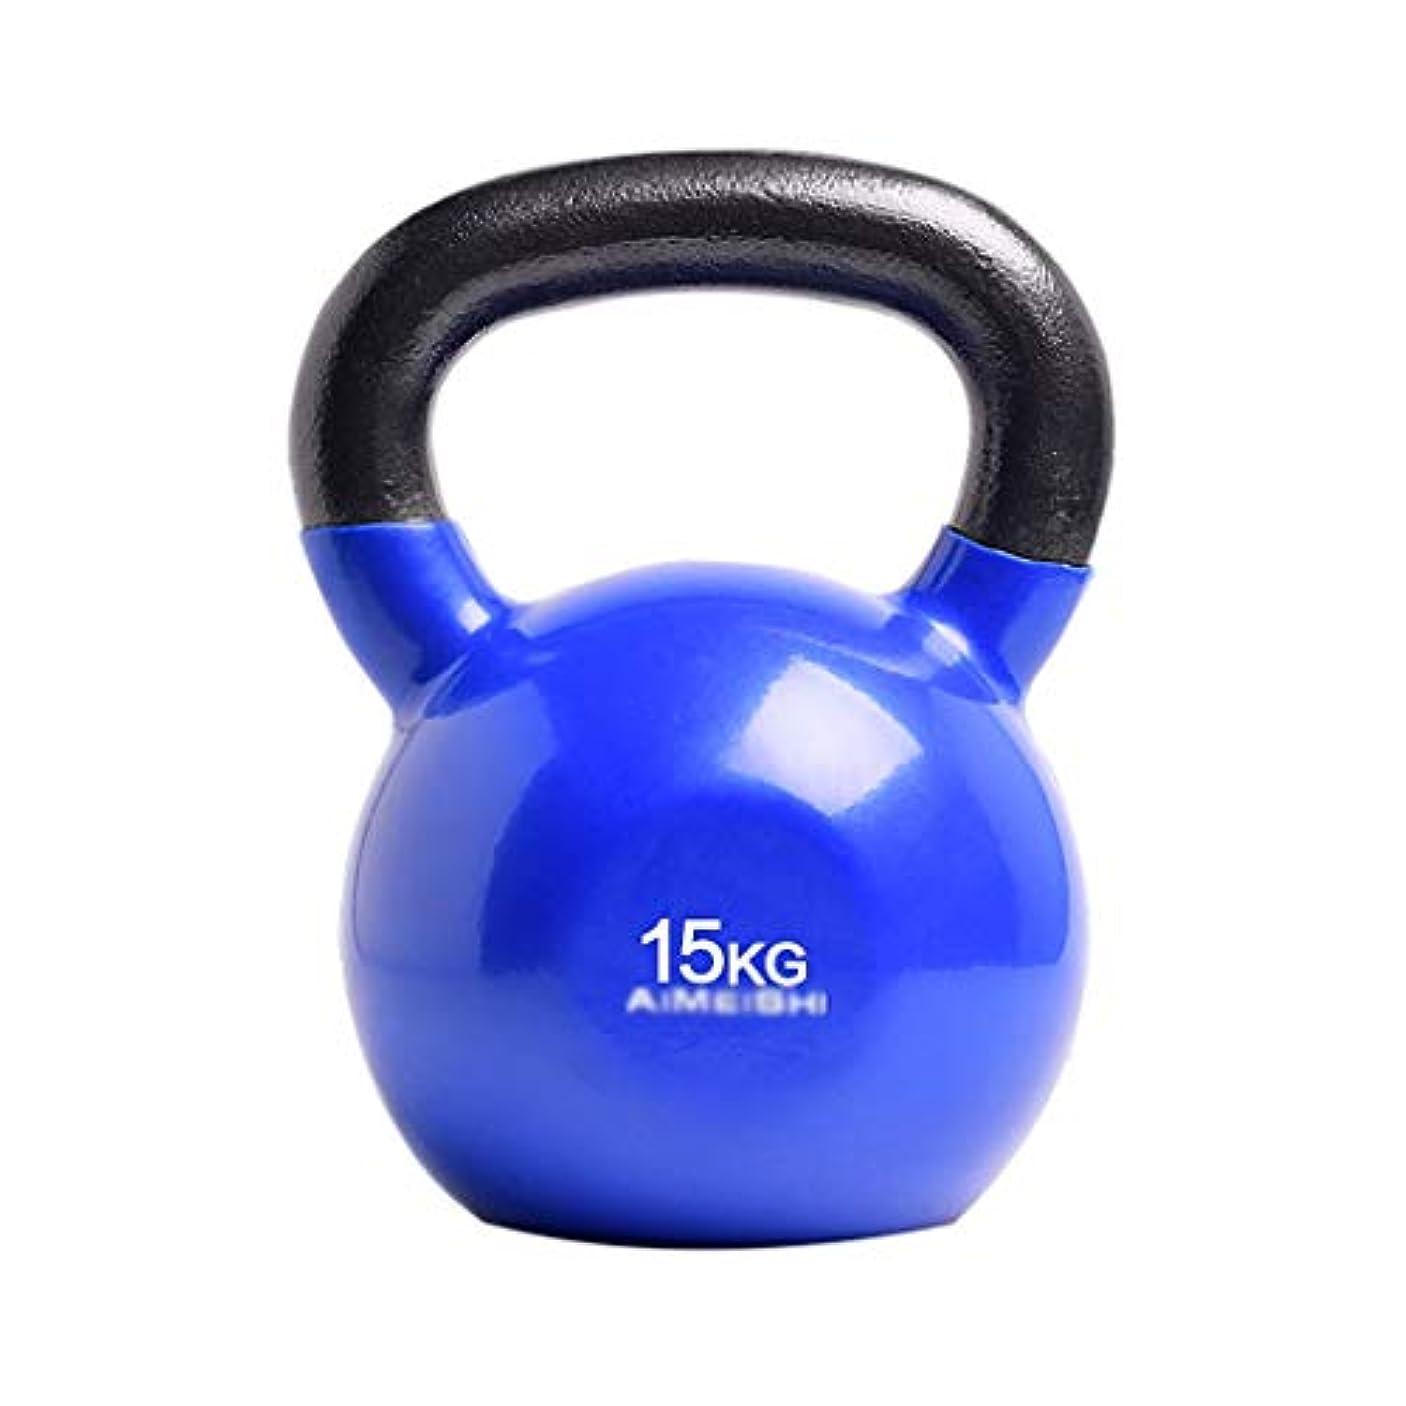 強化少ない聡明フィットネスダンベル 注ぎ鈴、フロスト滑り止めダンベル、純鉄鋳造注ぎ鈴、腹部の腕の訓練に使う 小さなダンベル (Color : Blue)